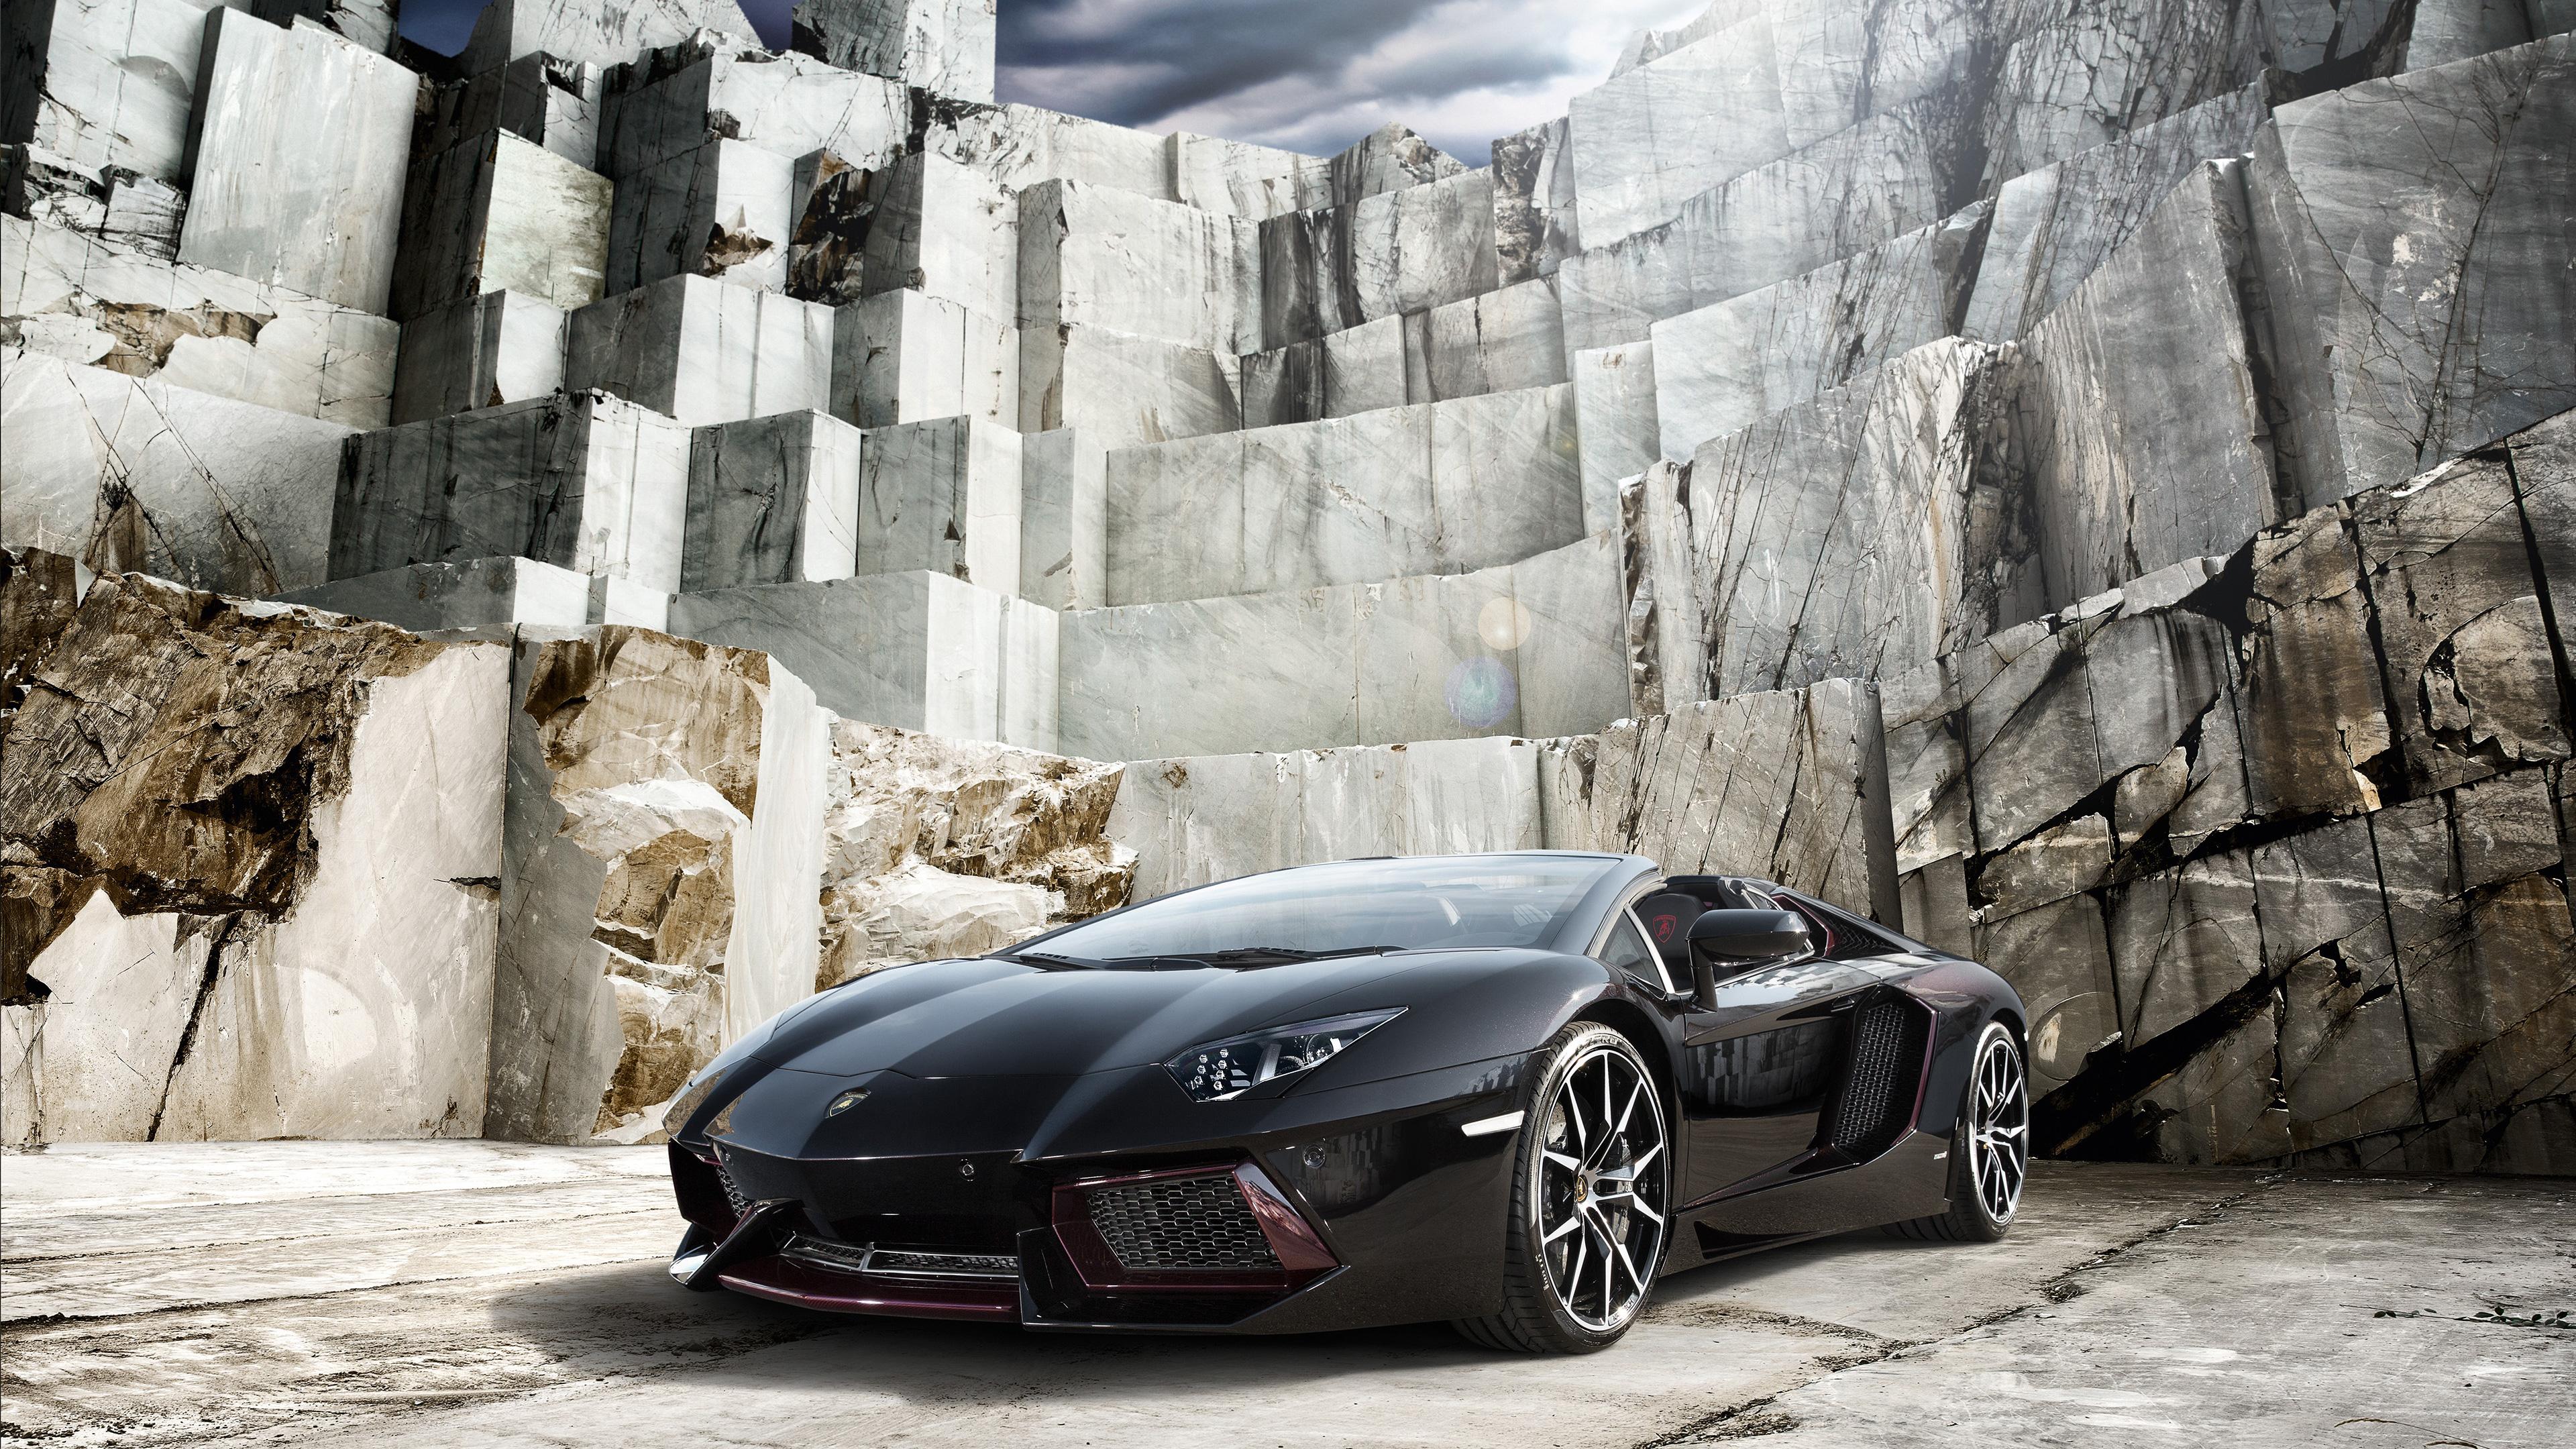 2048x2048 2018 Lamborghini Aventador Svj 4k Ipad Air Hd 4k: Black Lamborghini Aventador 4k Lamborghini Wallpapers